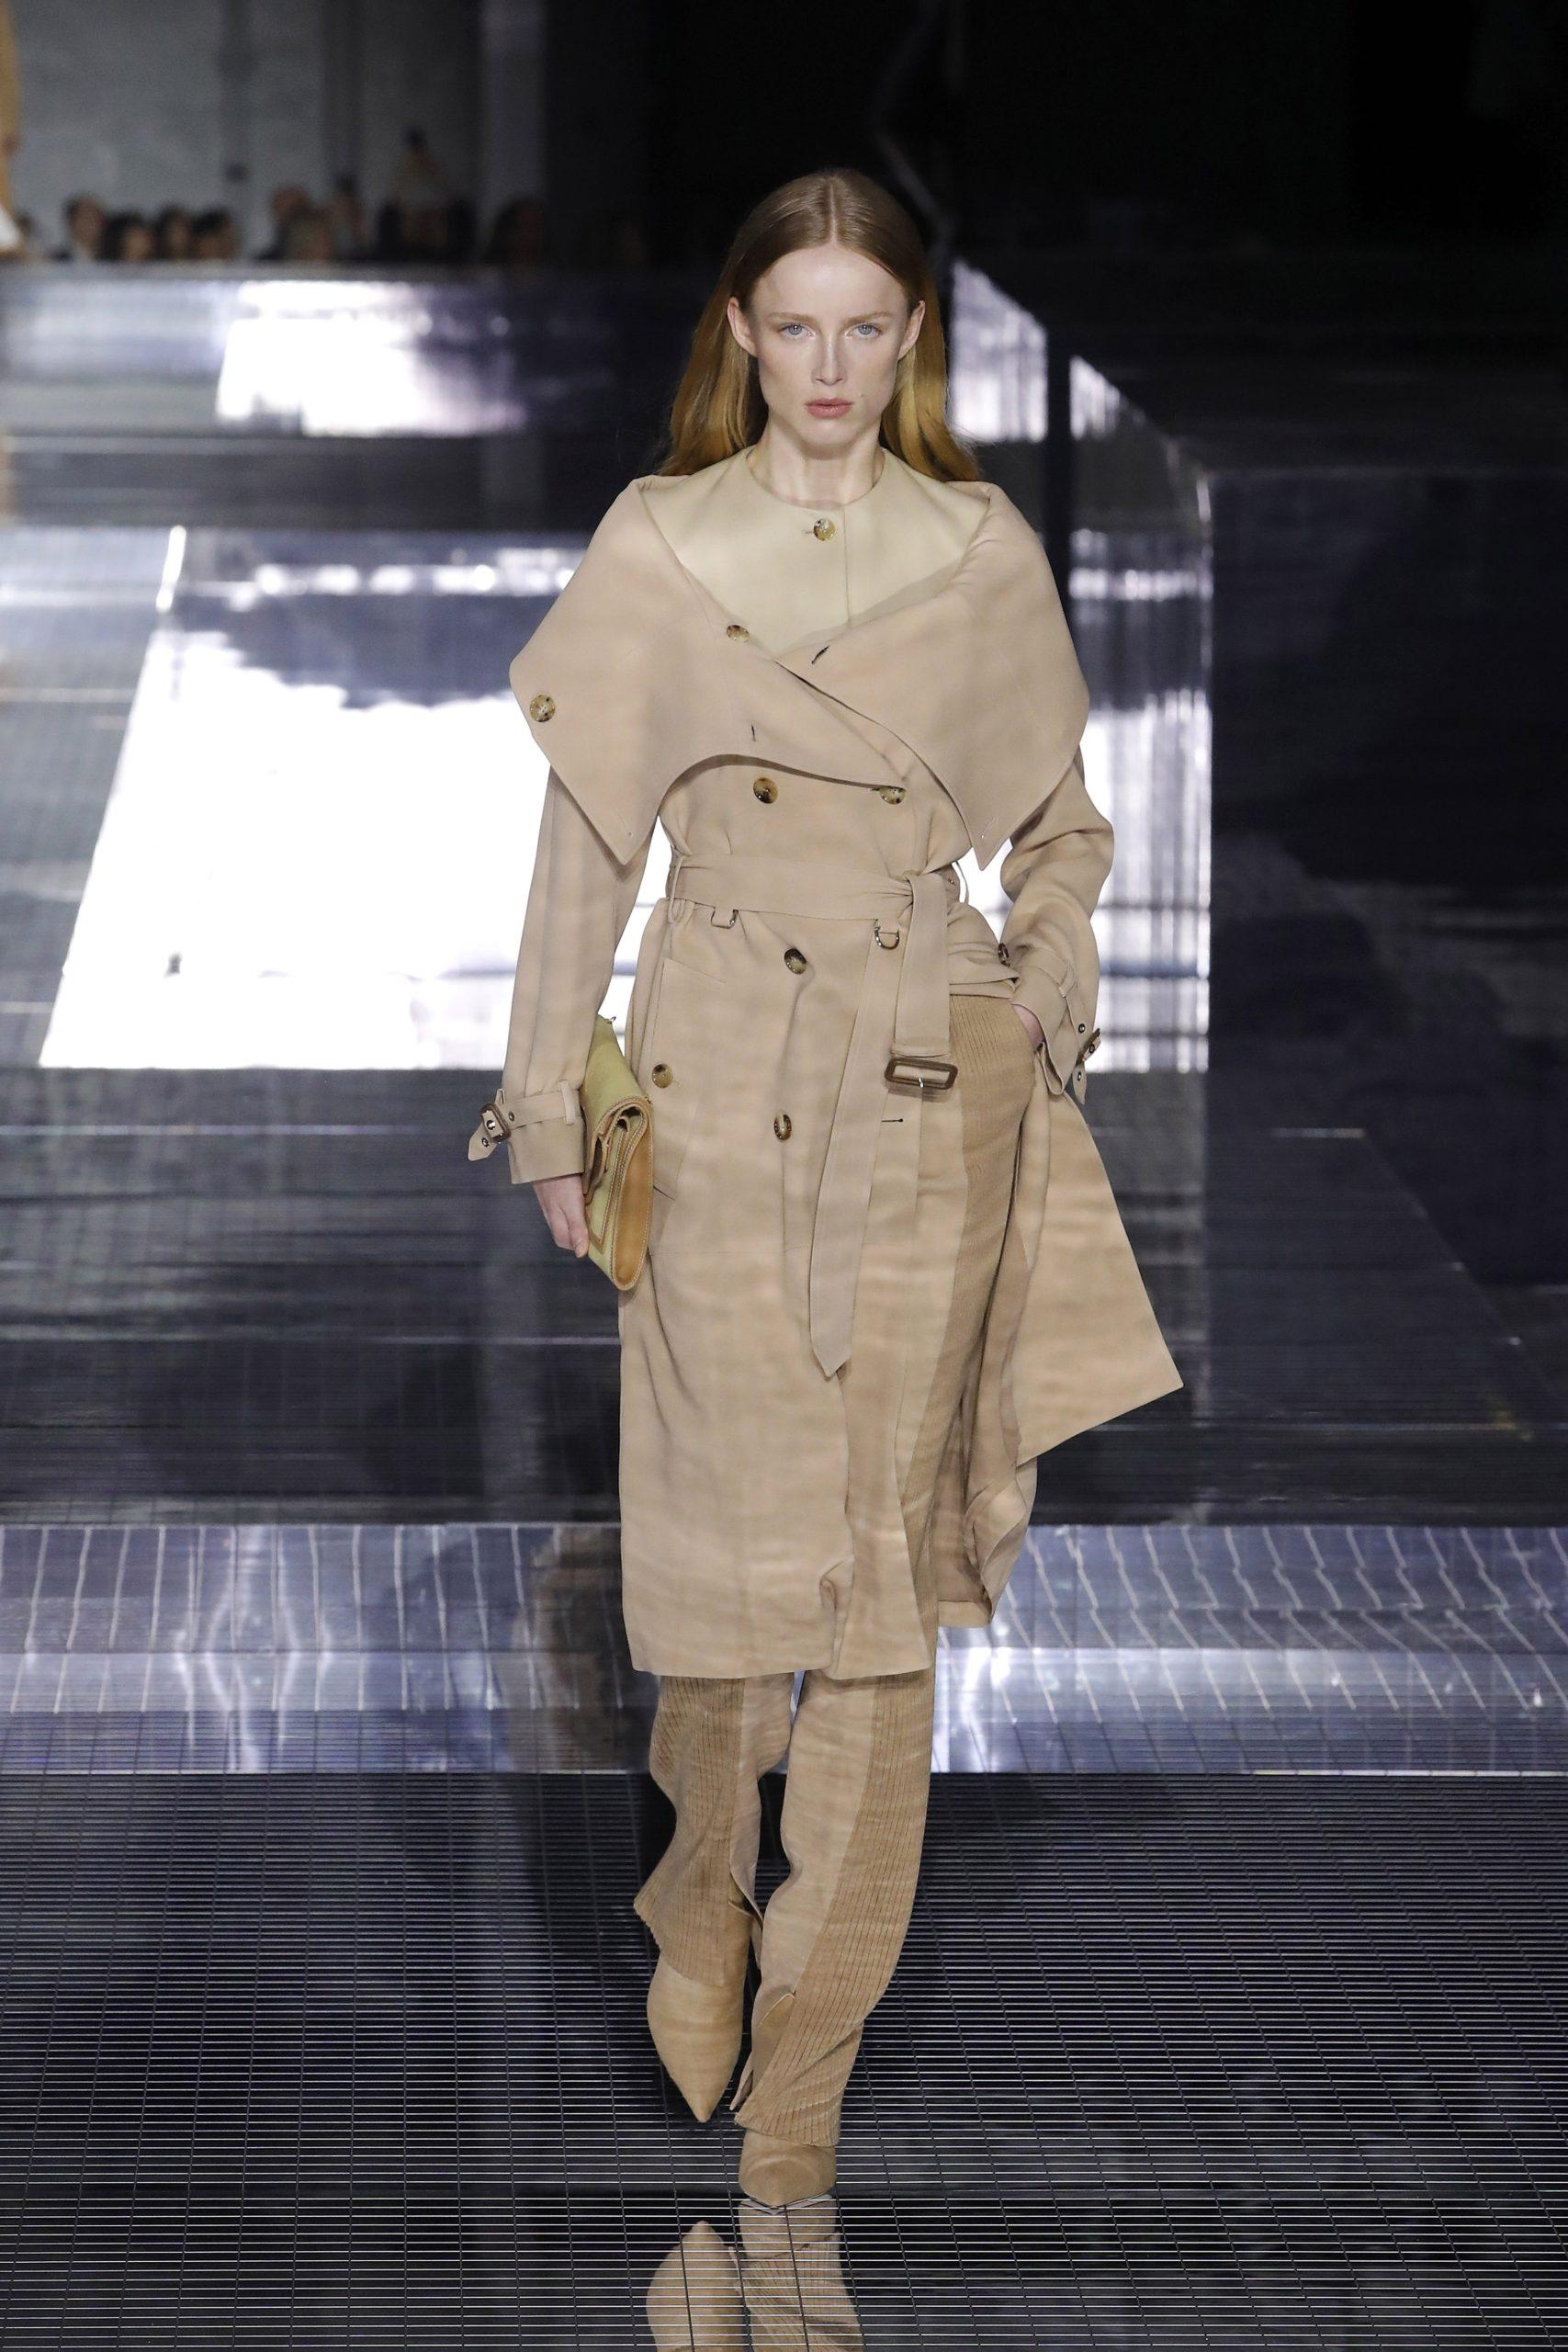 модный тренд плащ осень 2020 бежевый с большим воротником с открытыми плечами